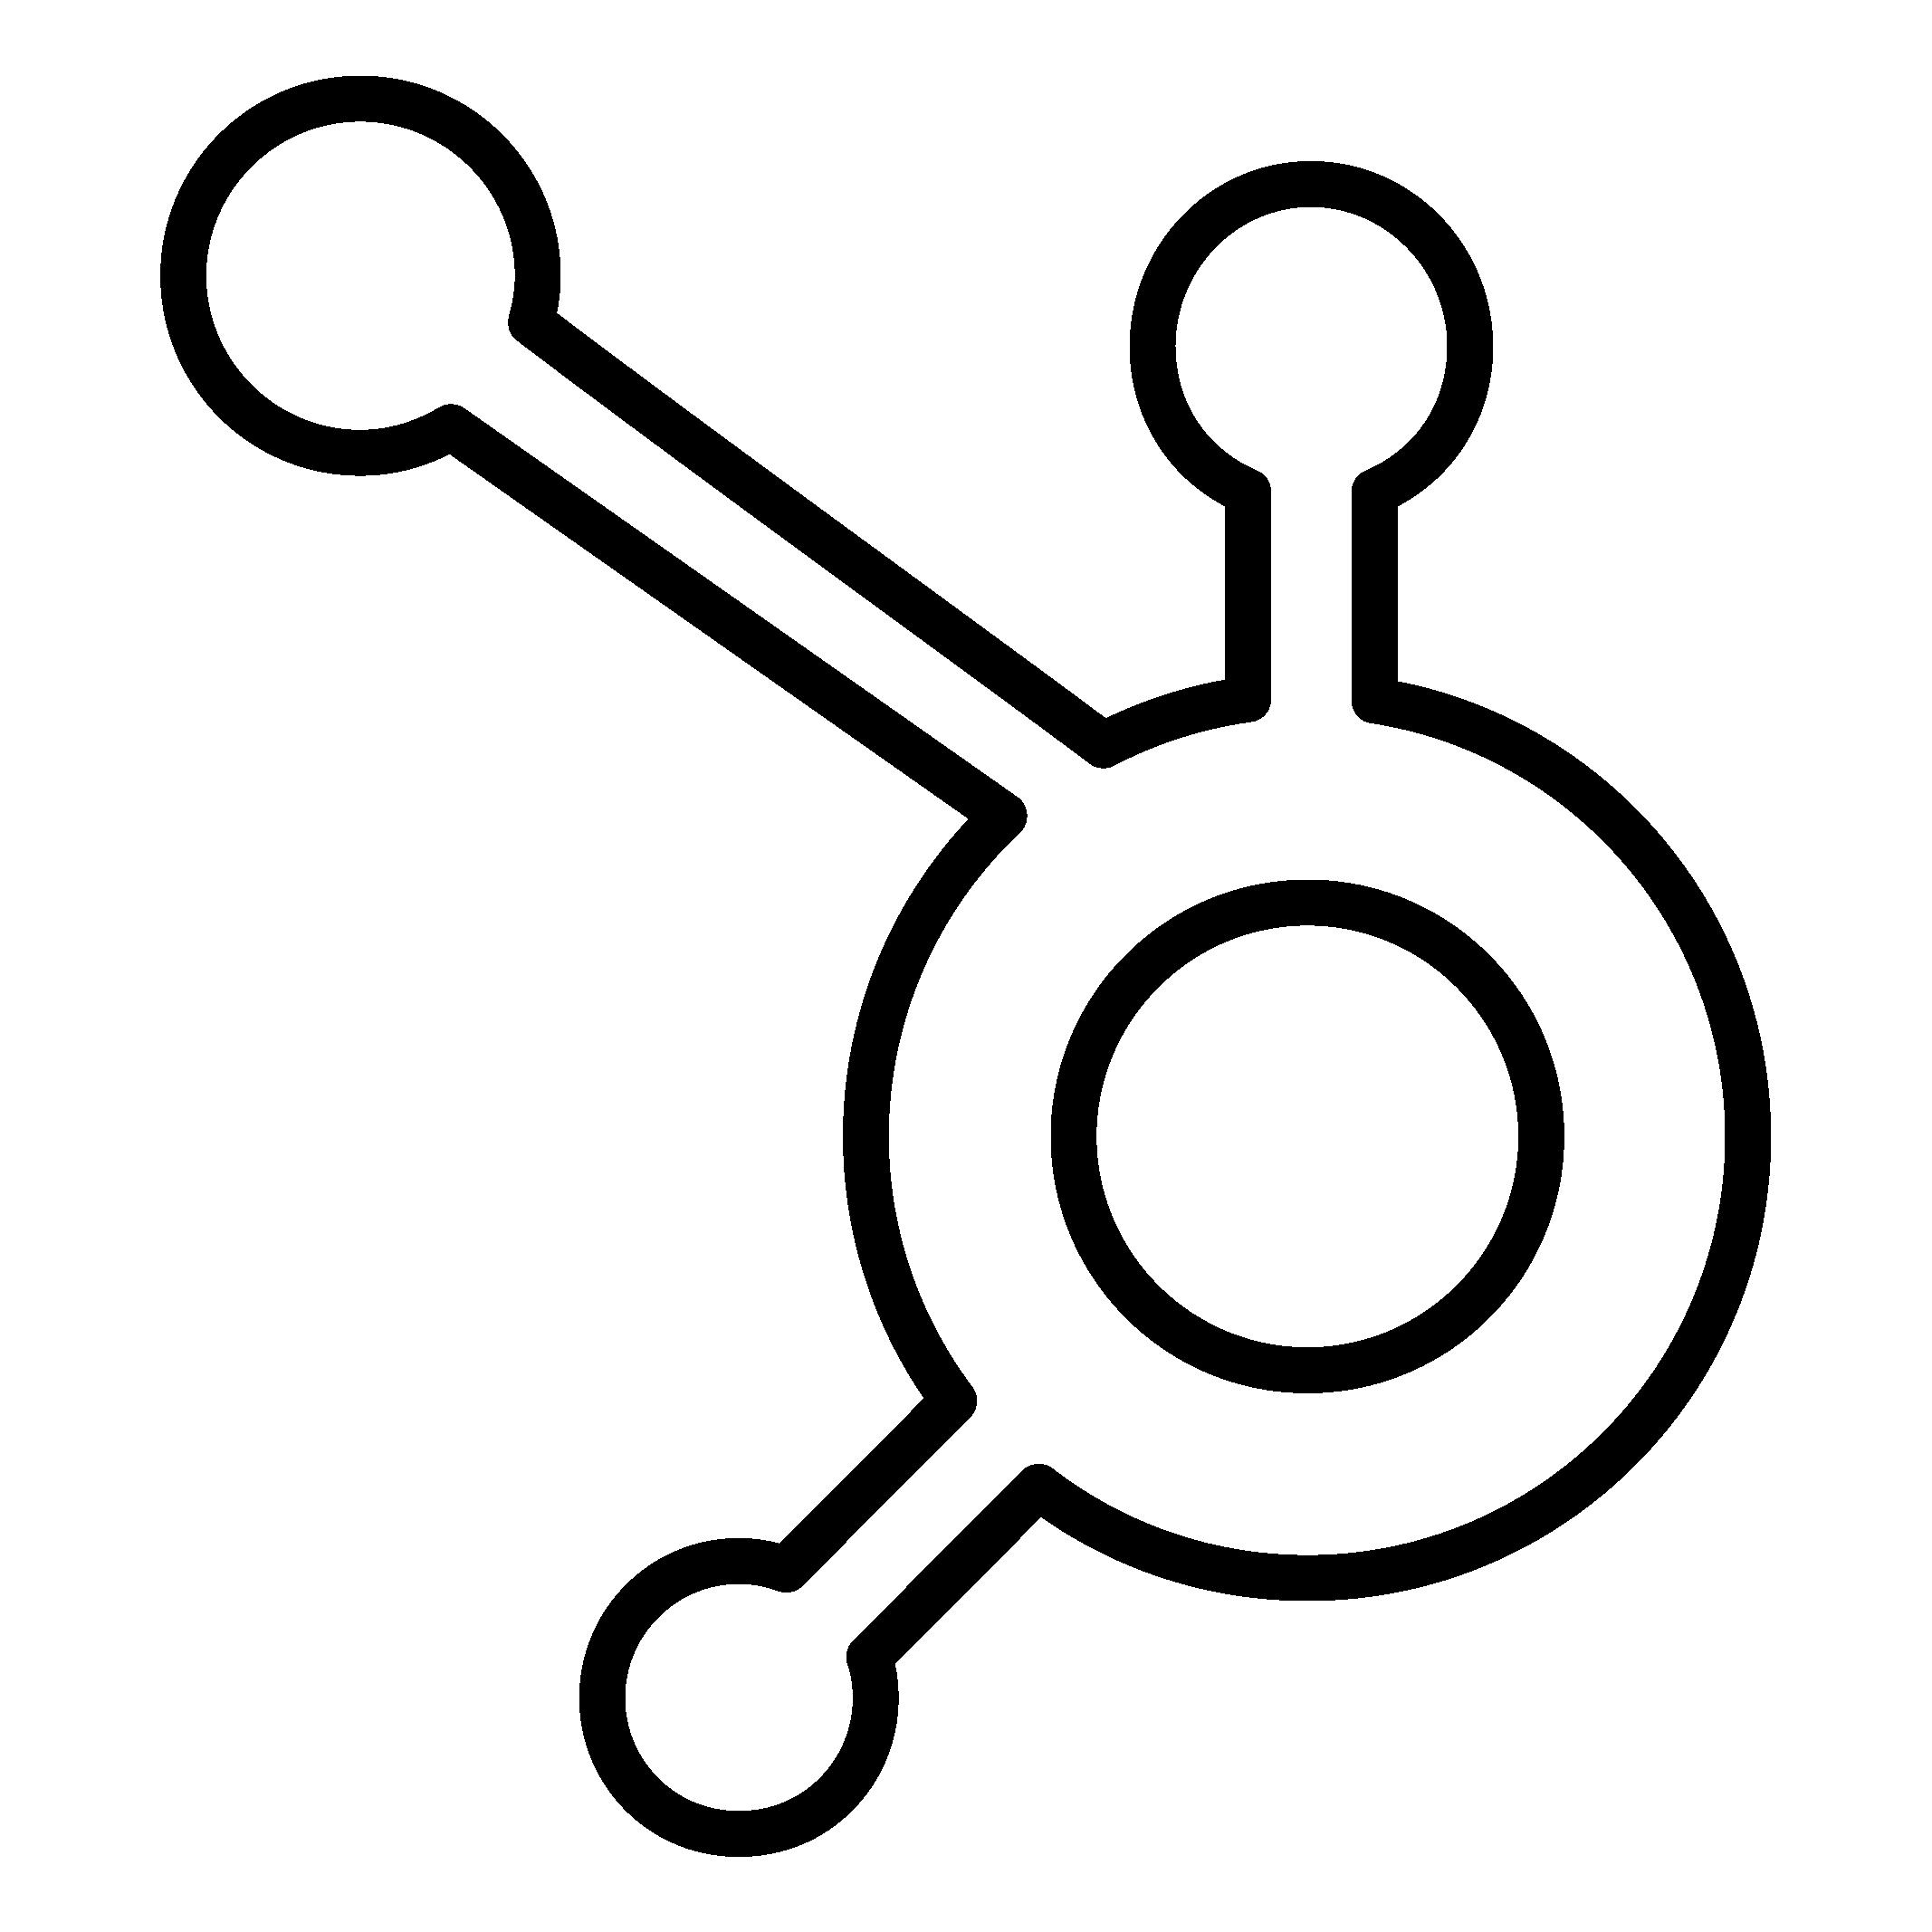 hubspoticon-01